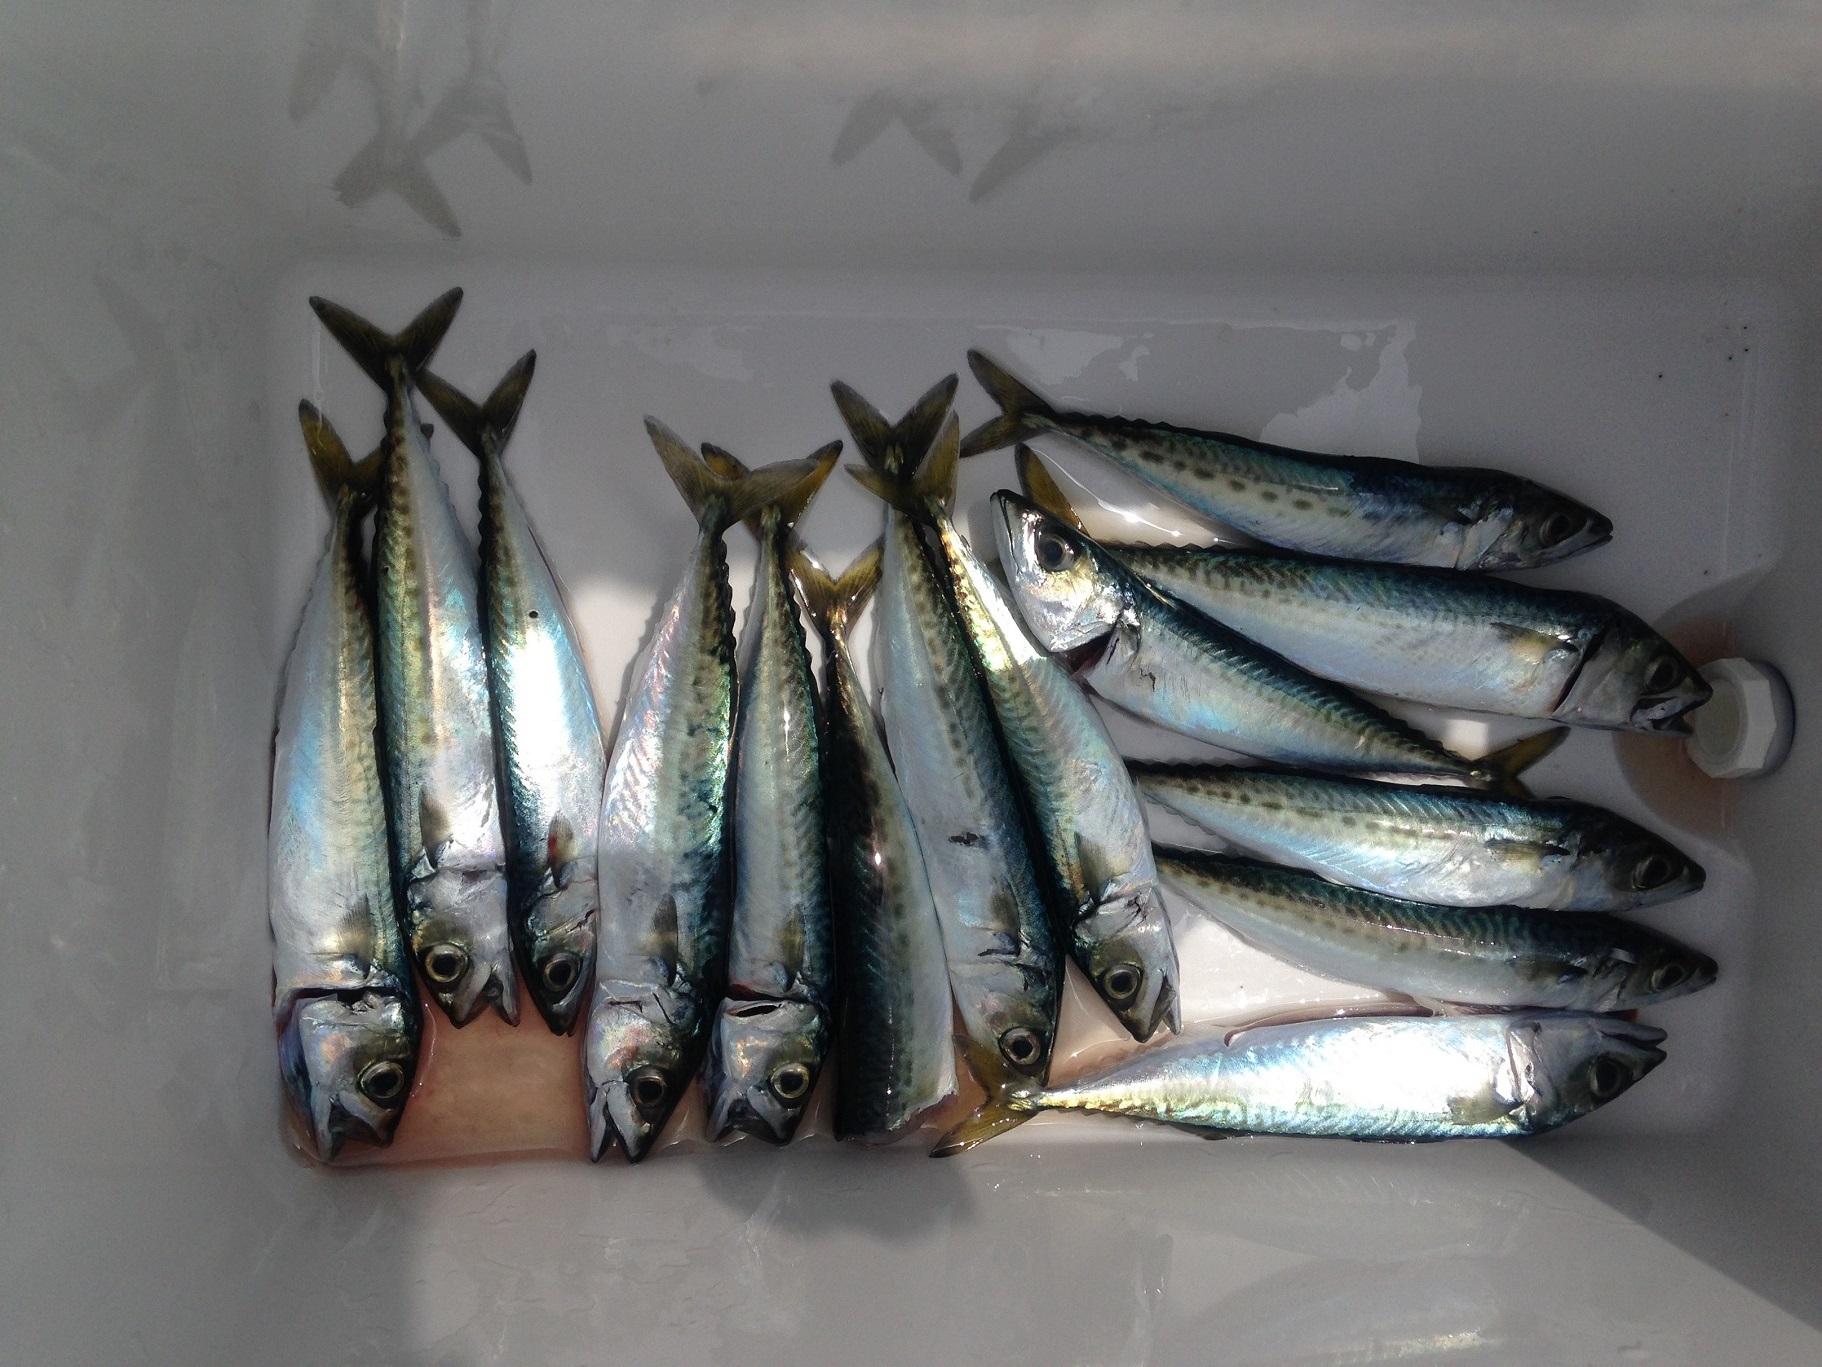 2014年06月30日 サバ, 三浦半島, 城ヶ島, ヒナダン, 磯釣り